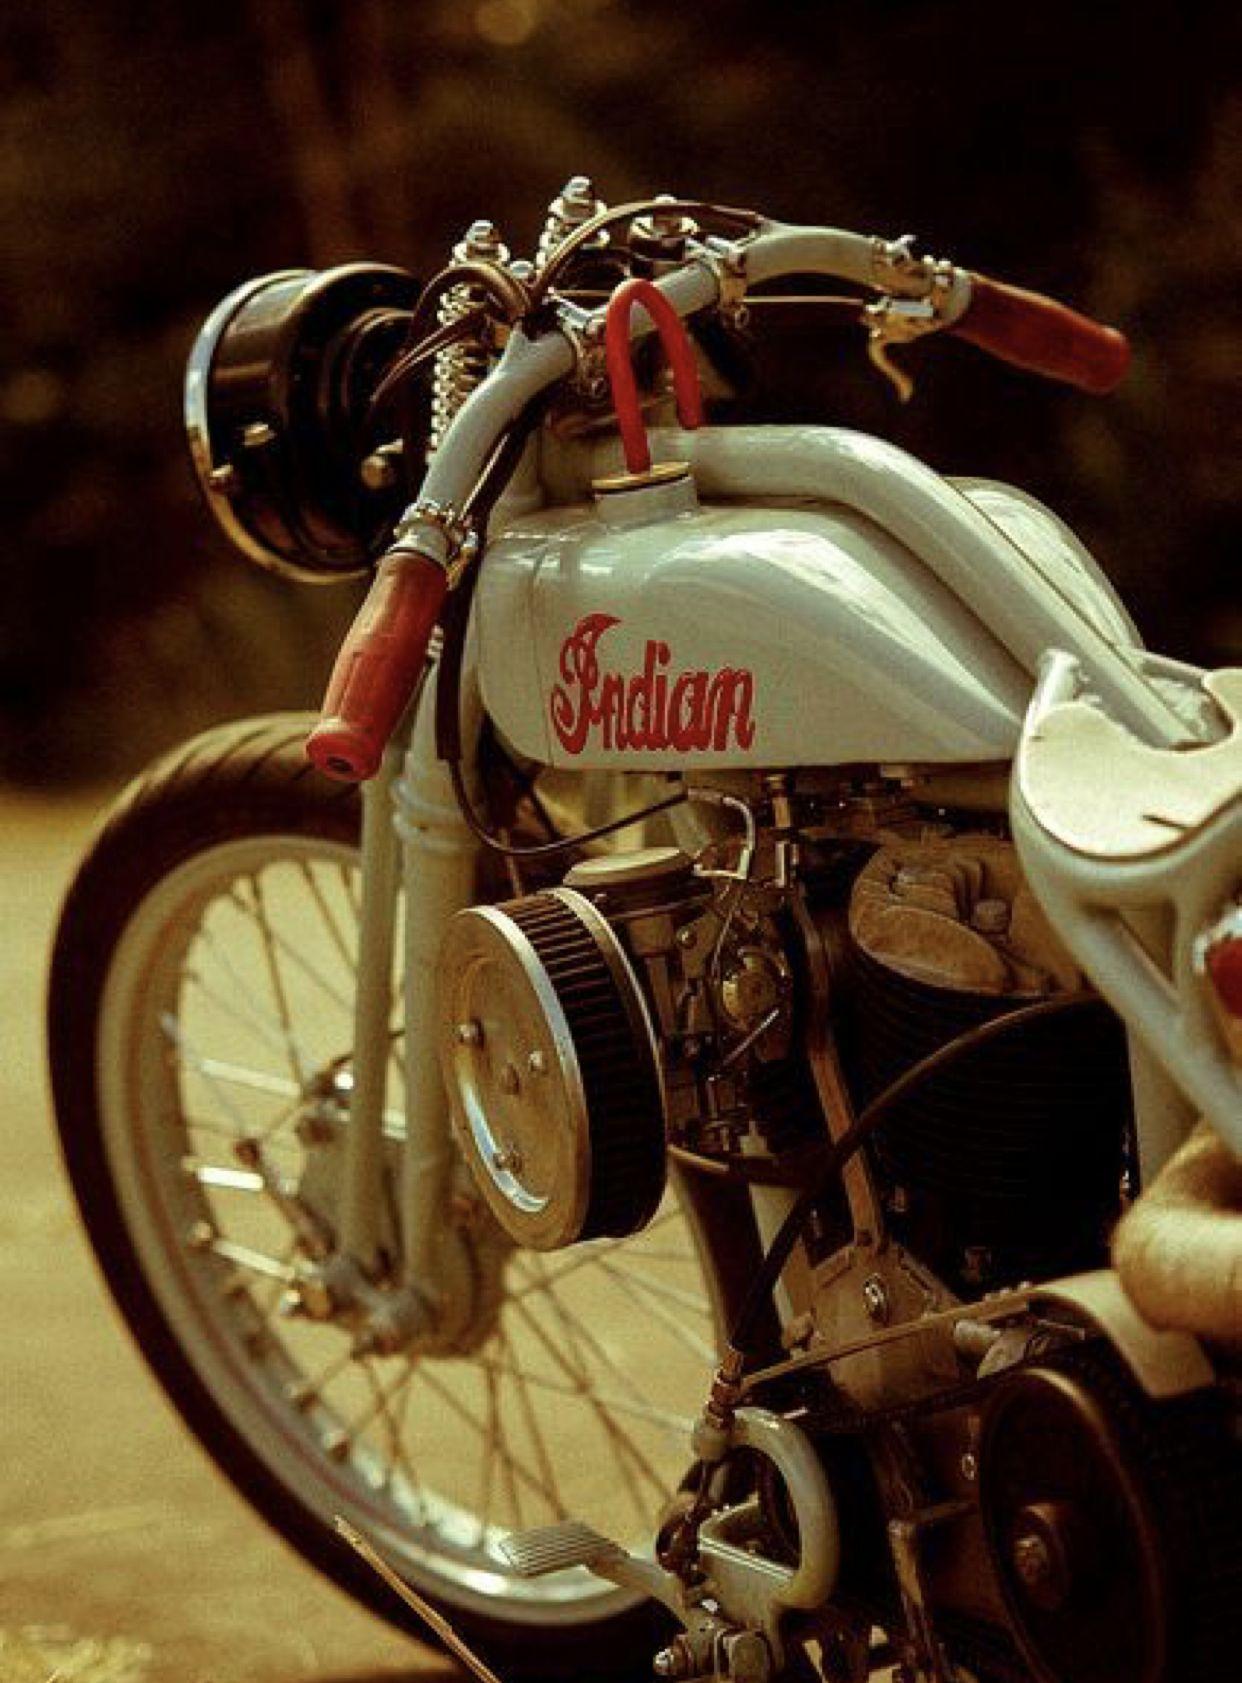 Indian 1920 I maybe wrong Bike repair, Bike, Indian